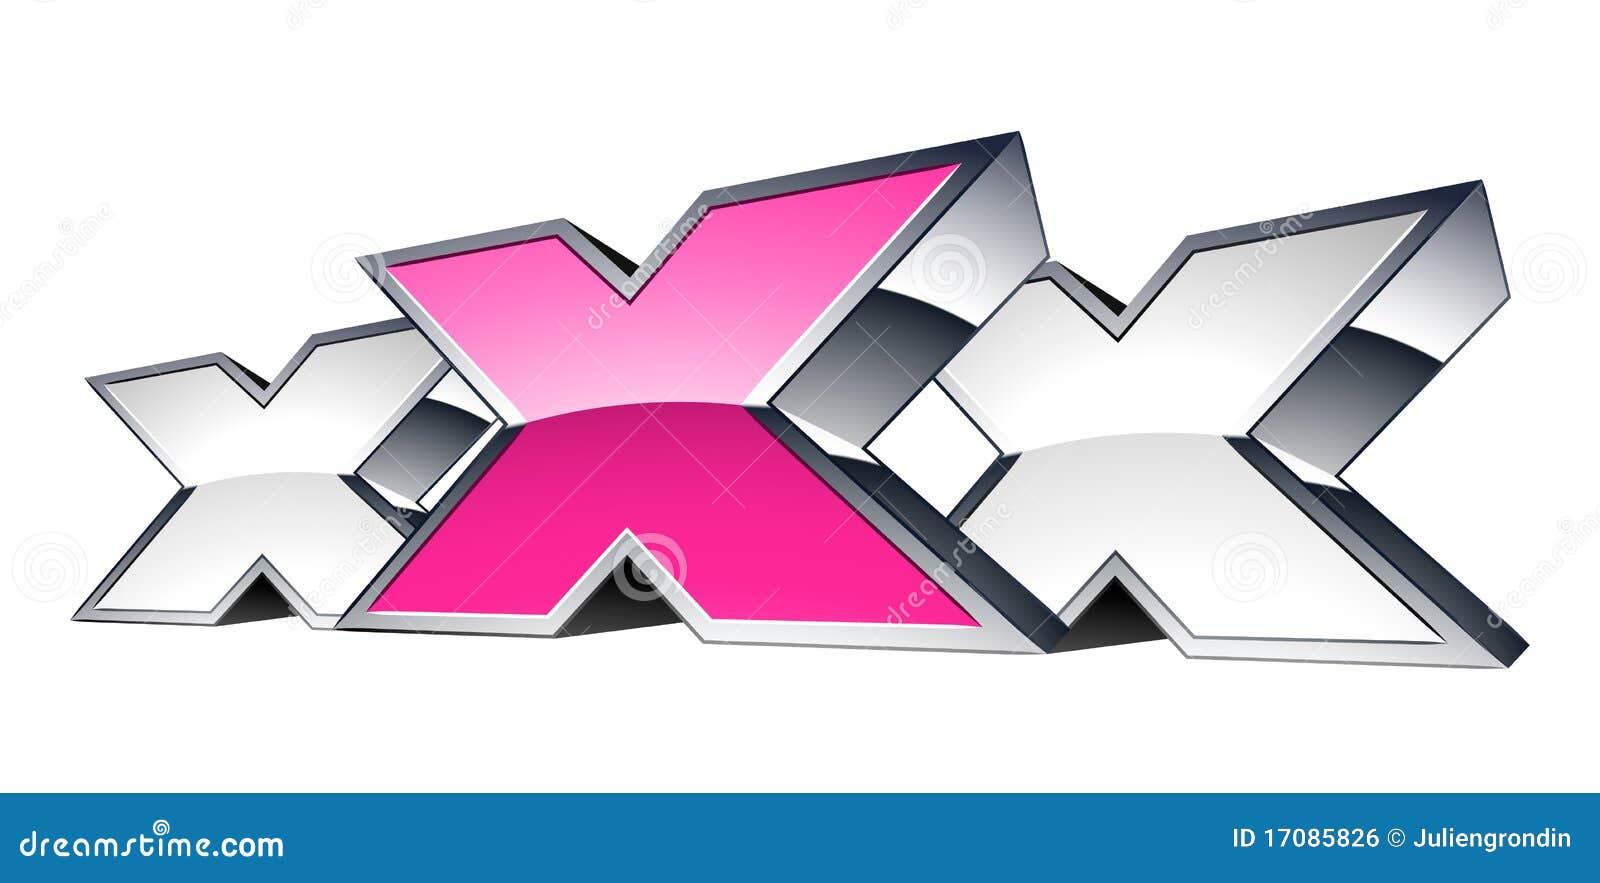 videos xxx free secretaria xxx